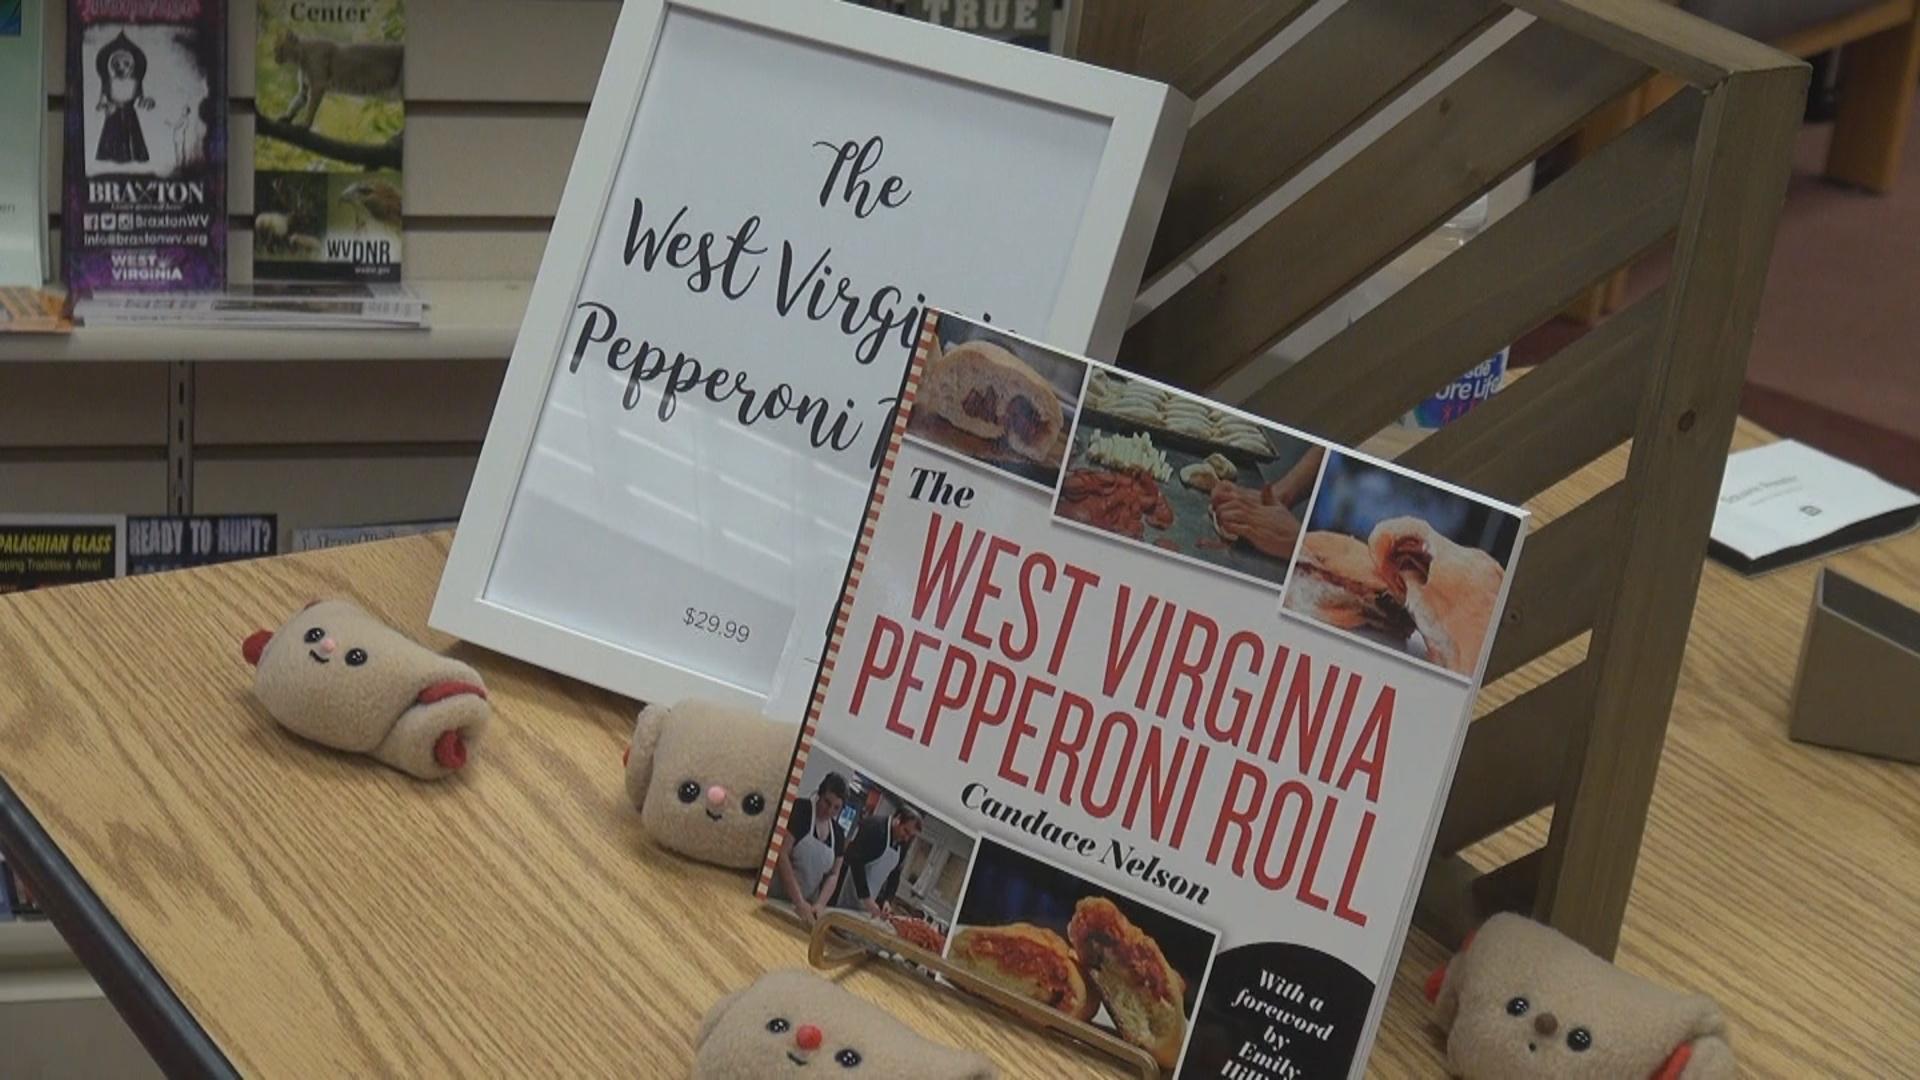 pepperoni roll_1509828171744.jpg